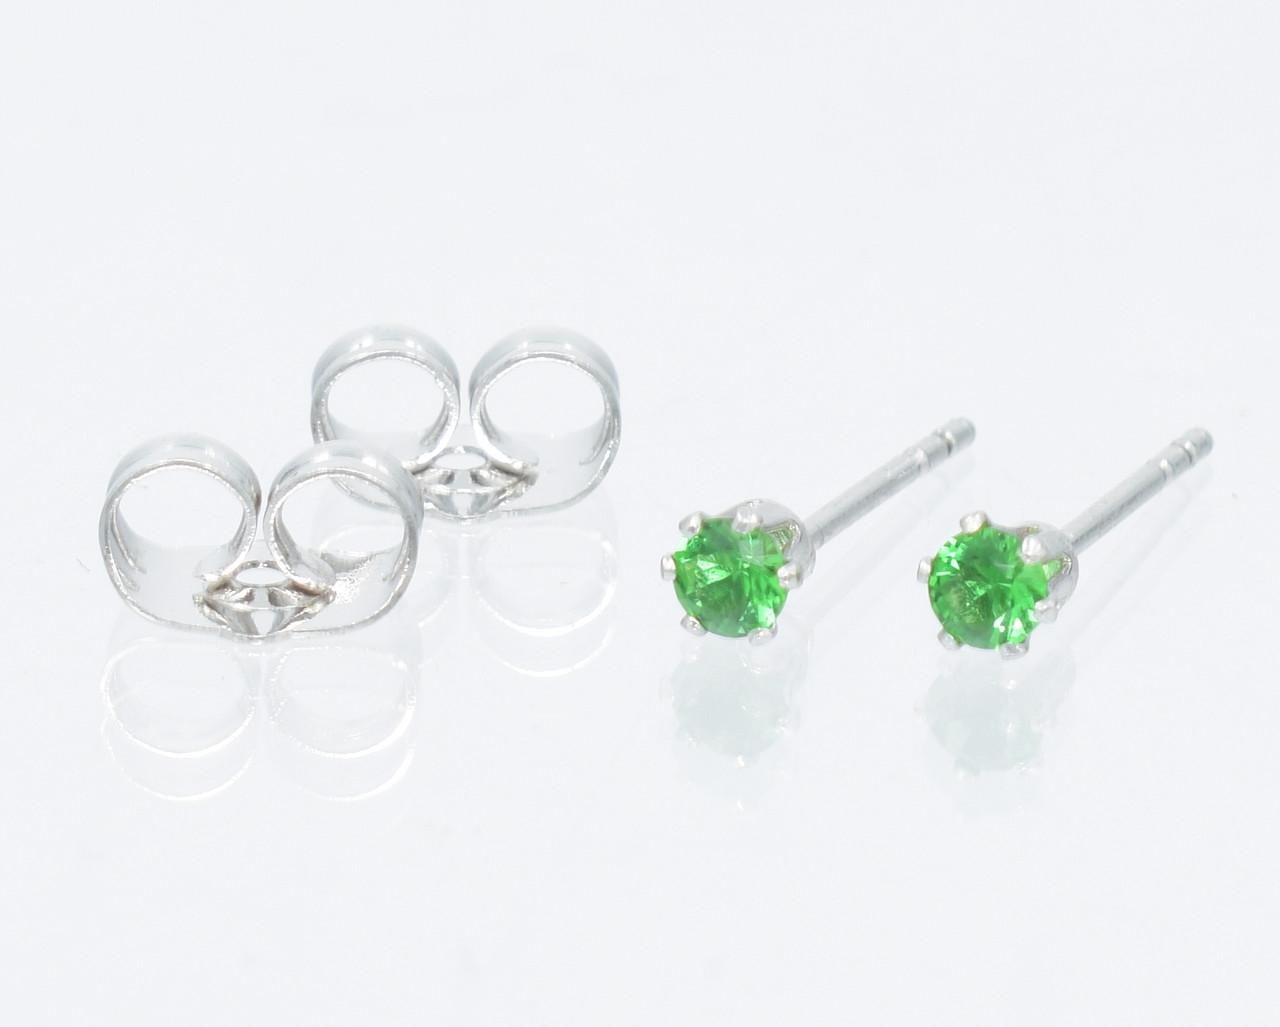 XUPING Серьги Гвозди Родий с зеленым цирконом 3мм